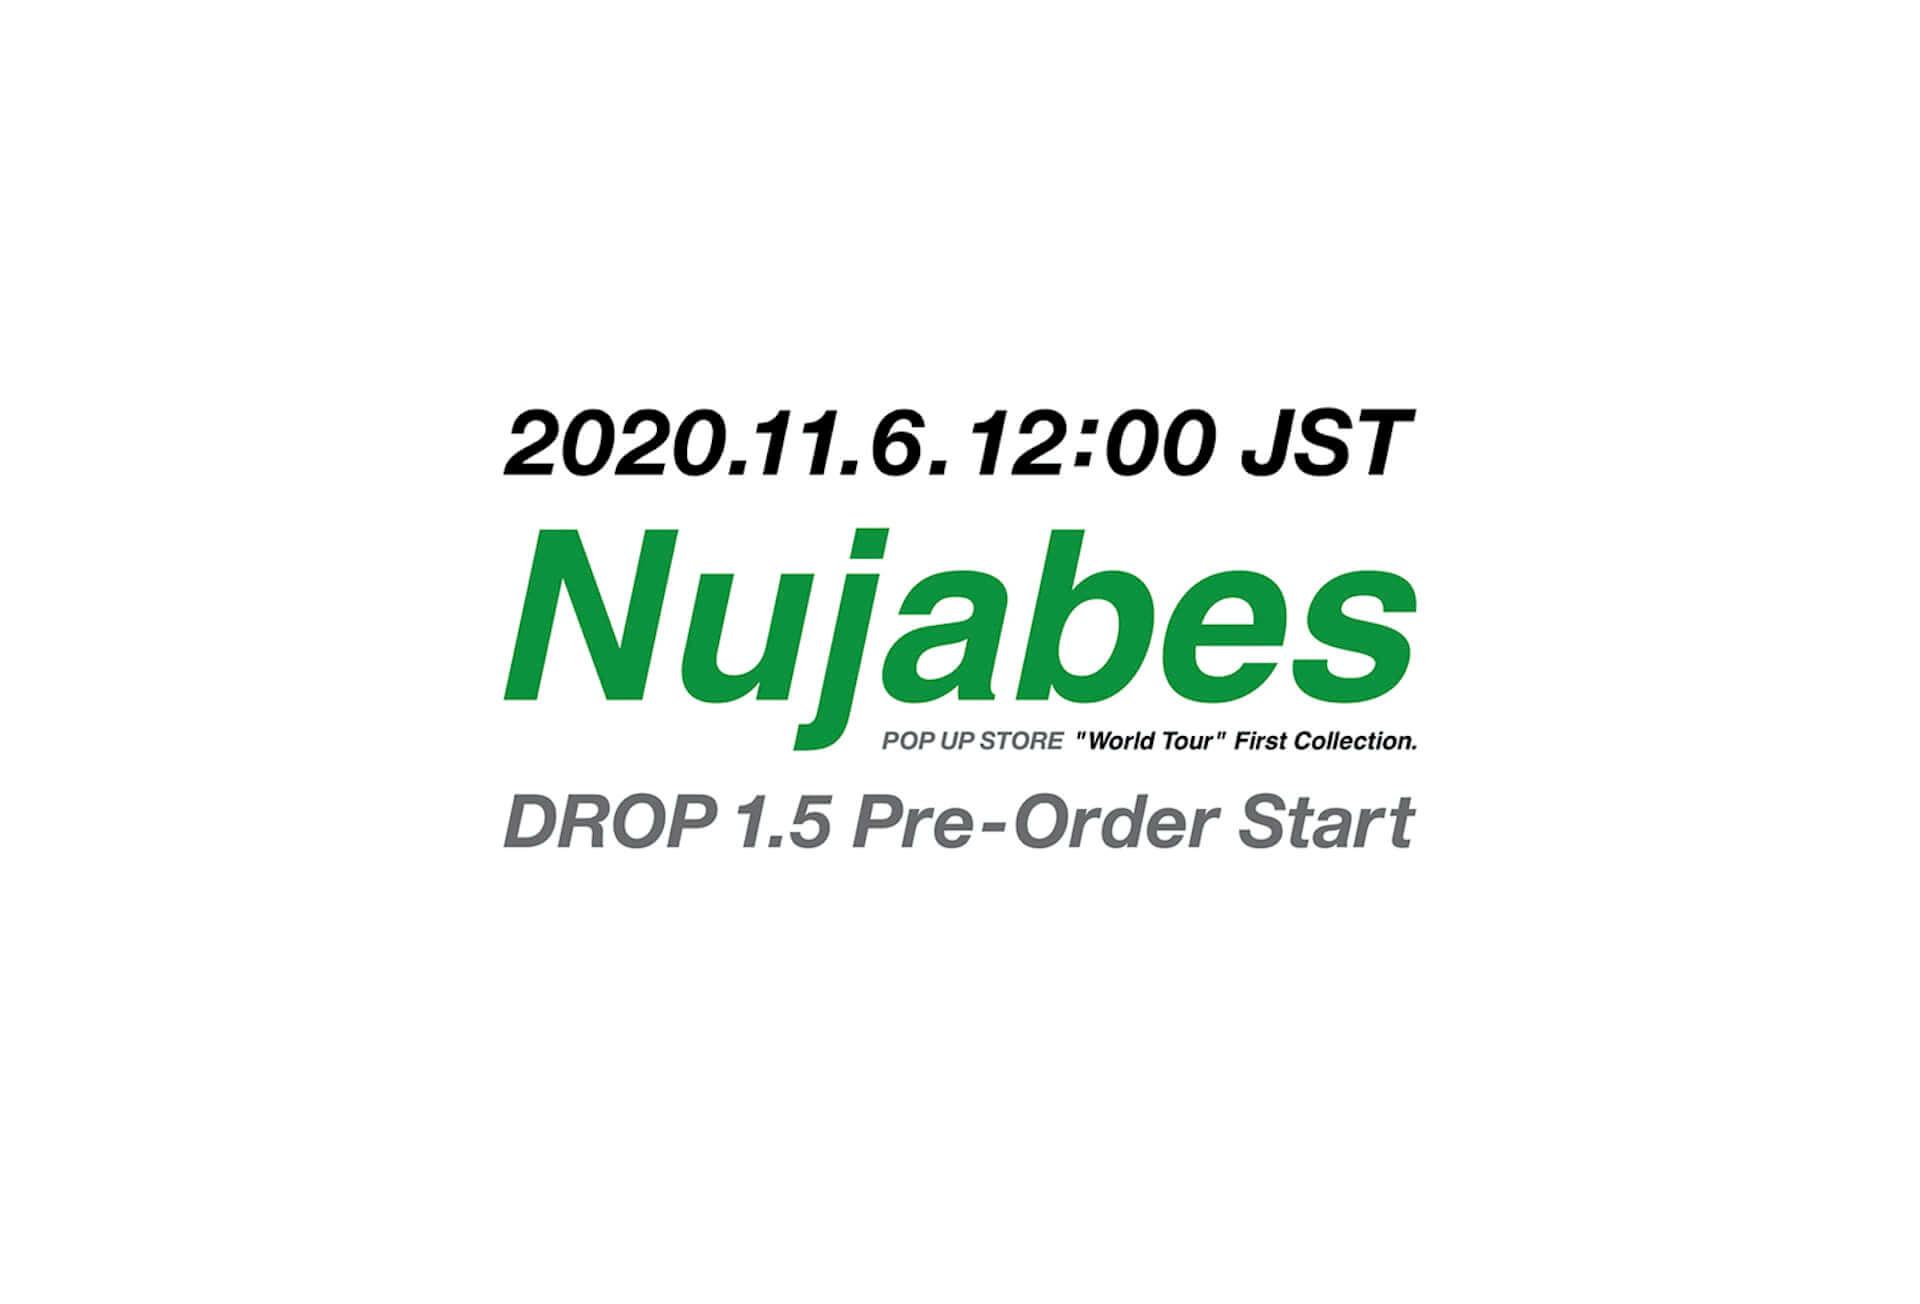 Nujabesの公式ポップアップにフーディー、ロングスリーブなどの新商品が続々登場!冬にぴったりなウールキャップやルームパンツも lf201110_nujabes-popup_7-1920x1304